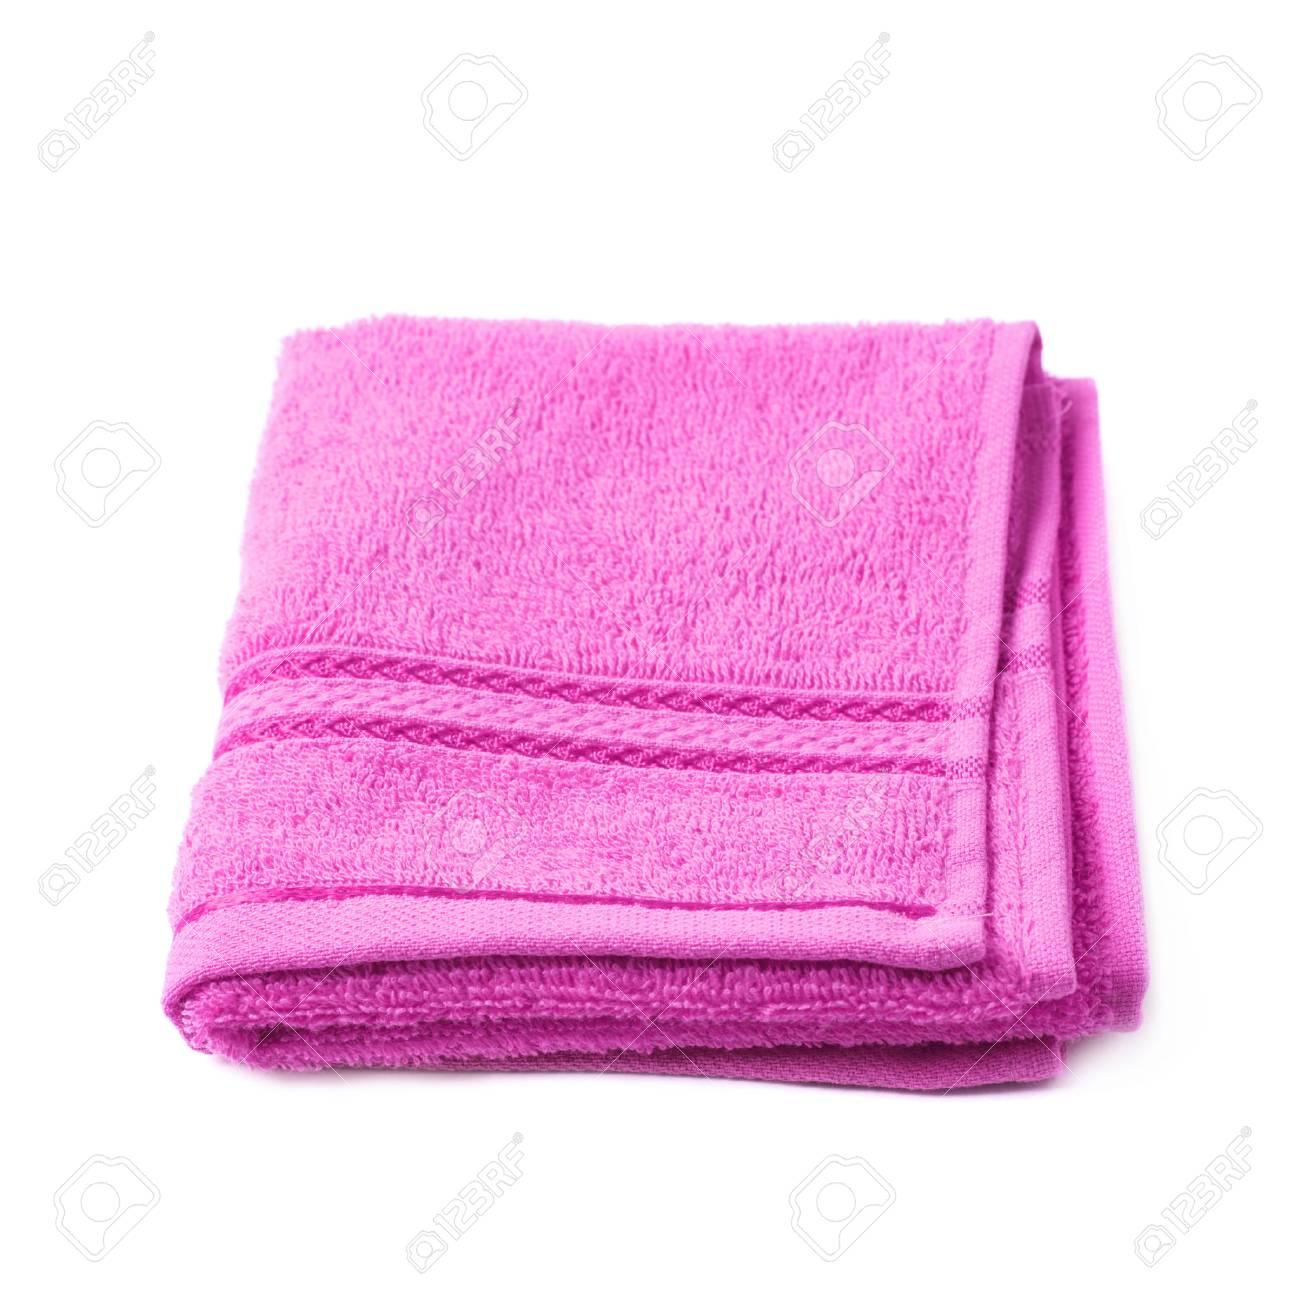 Einzel Lila Rosa Frottee Handtuch über Dem Weißen Hintergrund